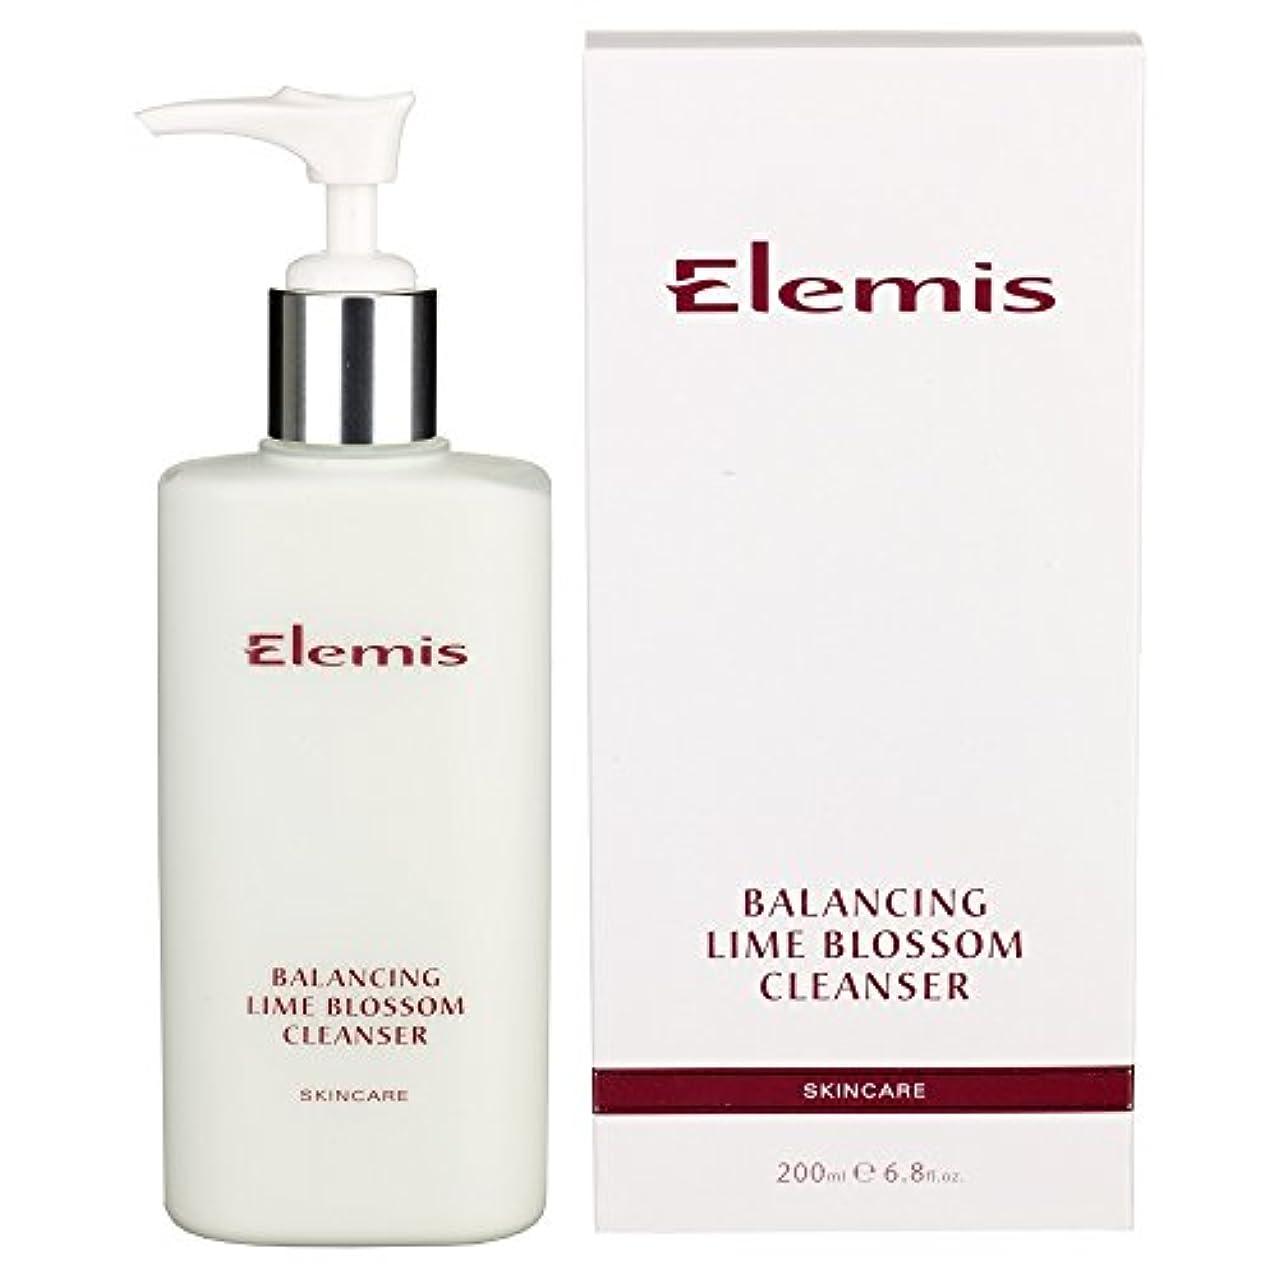 ほかに侵略電子ライムブロッサムクレンザーのバランスをとります (Elemis) - Balancing Lime Blossom Cleanser [並行輸入品]